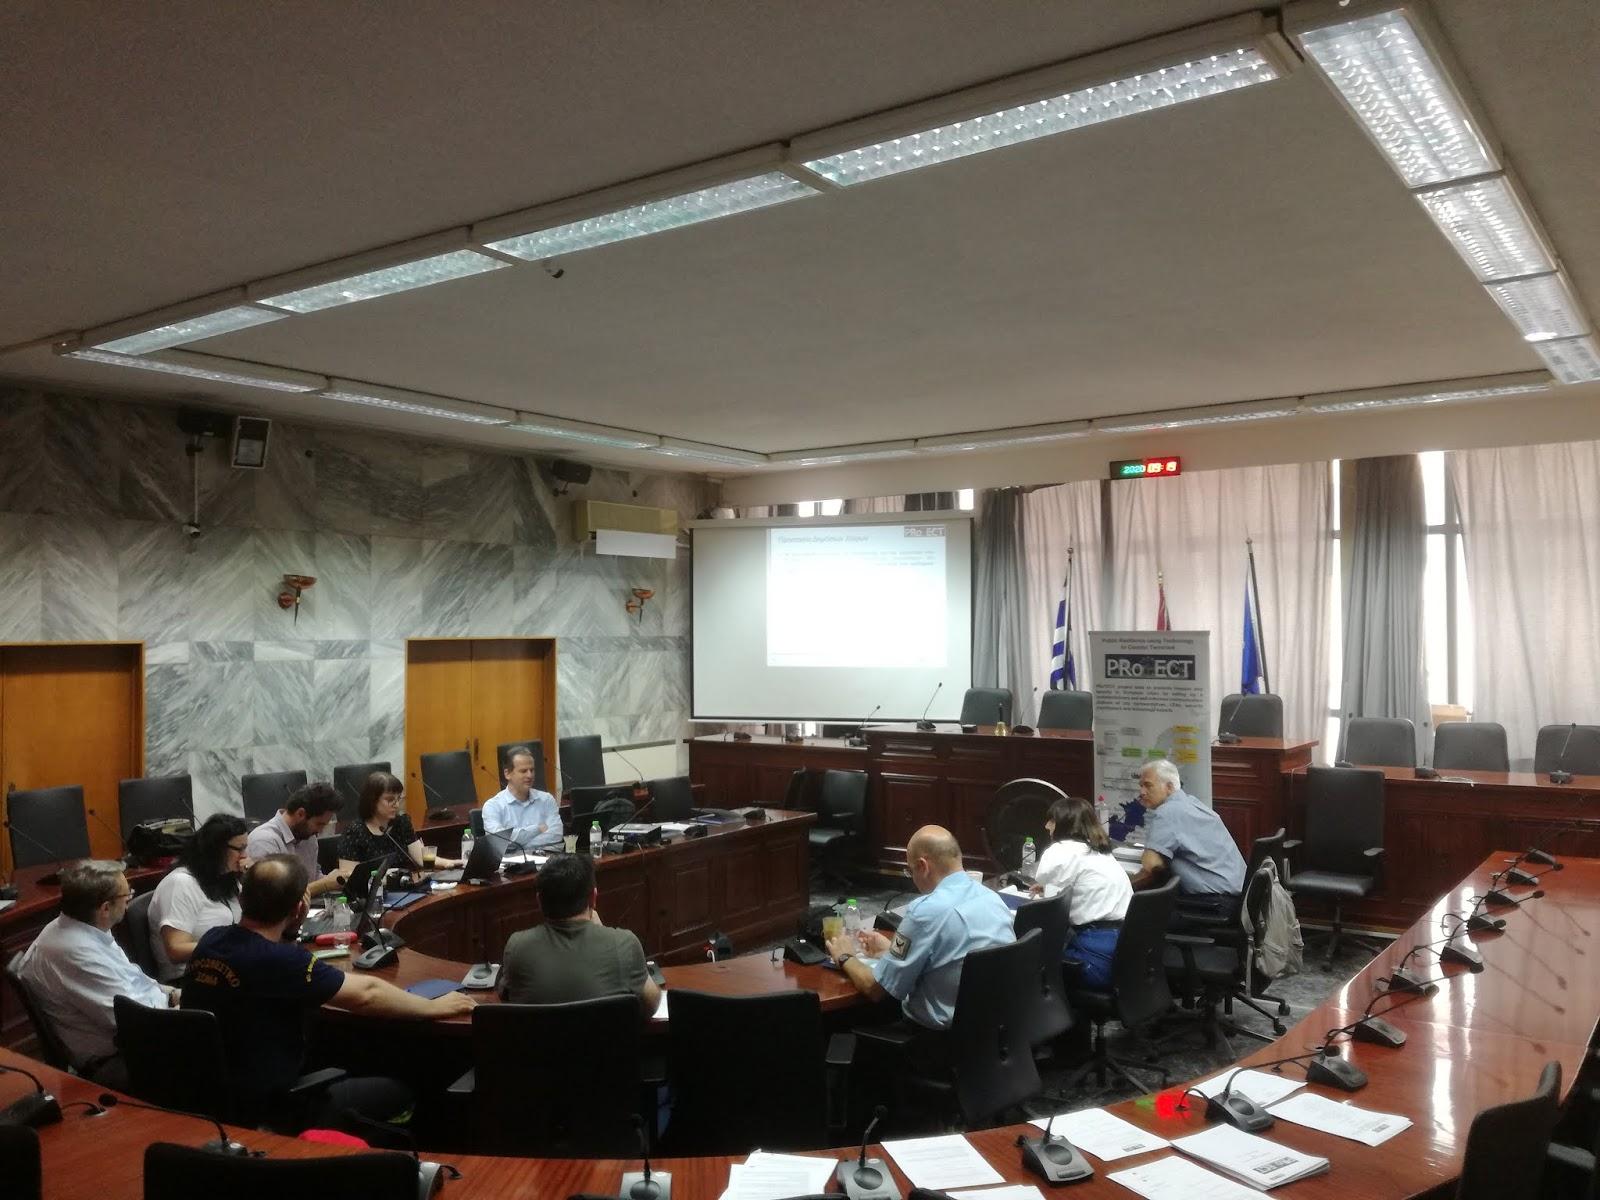 Δήμος Λαρισαίων: Worskshop στο πλαίσιο του ευρωπαϊκού προγράμματος PROTECT